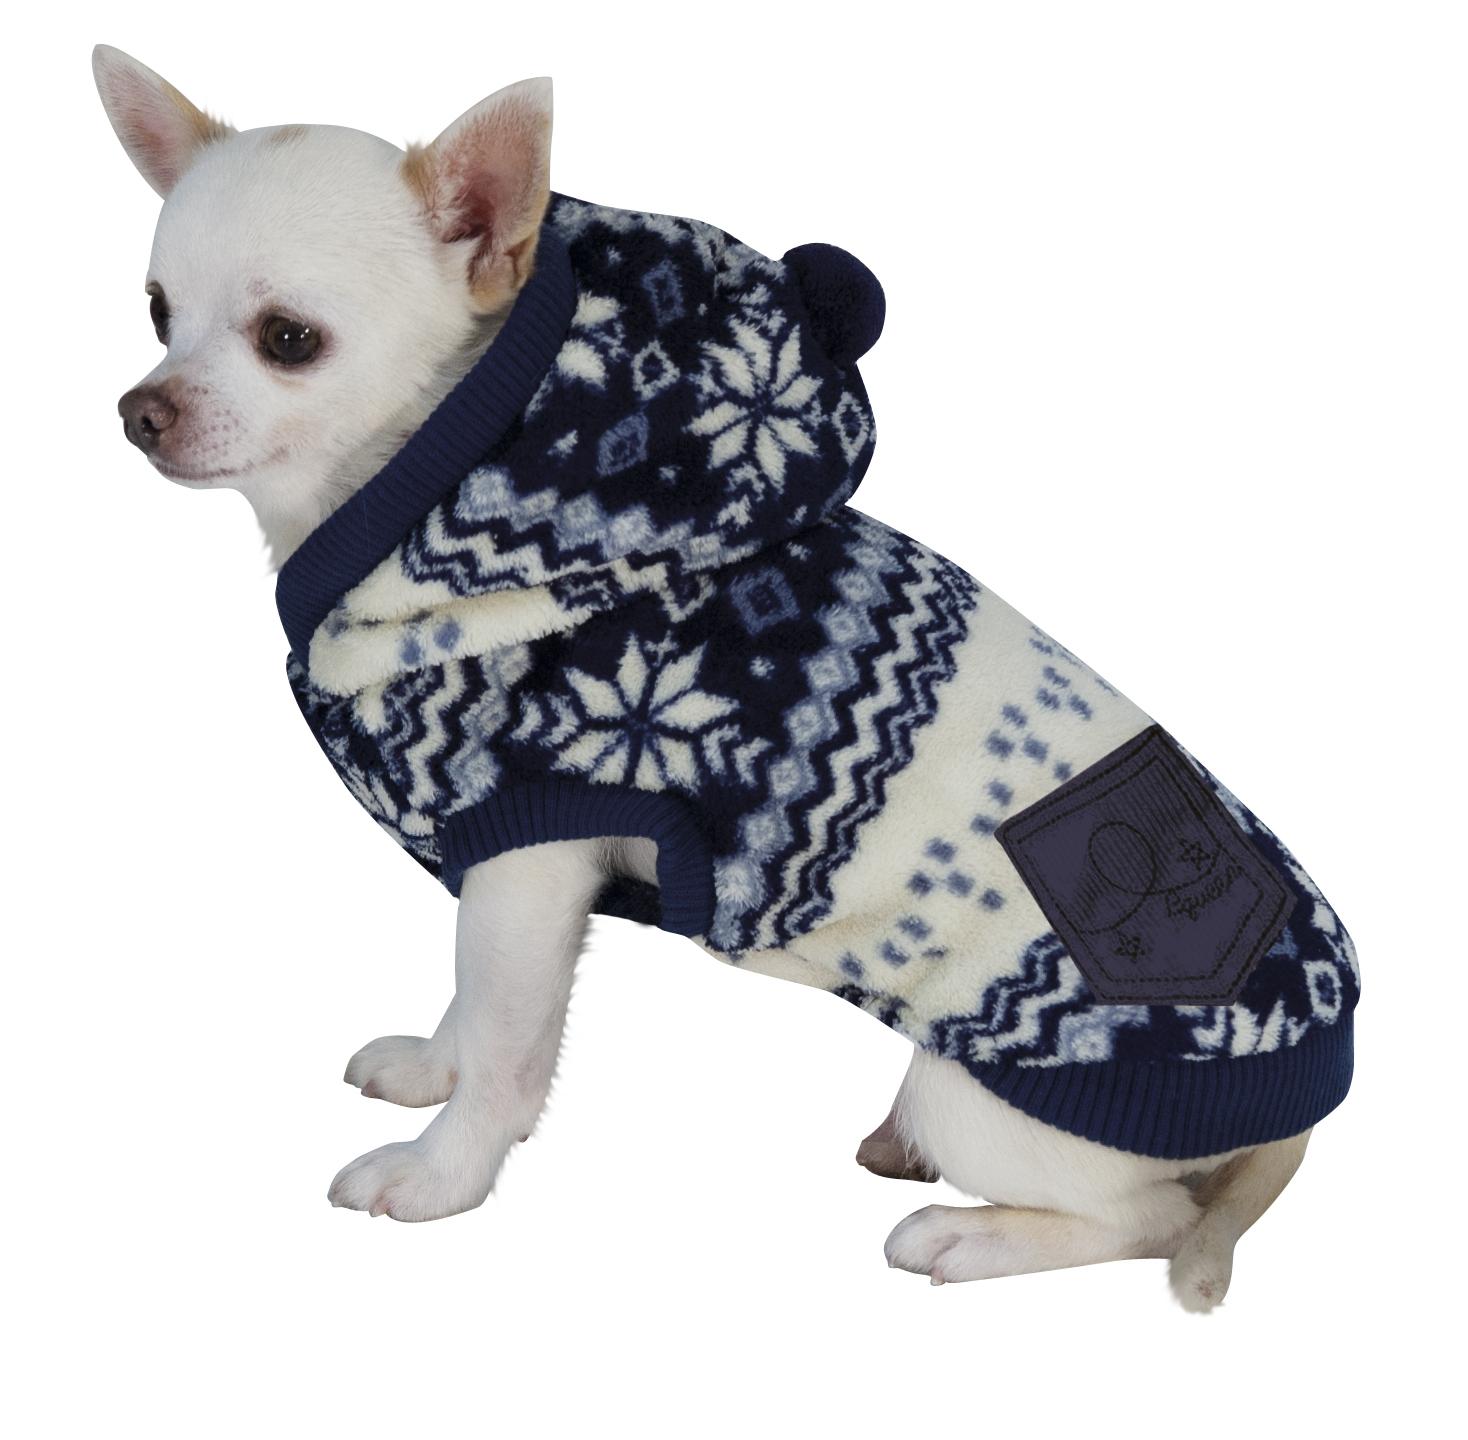 """Комбинезон вязаный для собак с капюшоном """"Снежинка"""", 25 см, сине/белый от Ravta"""